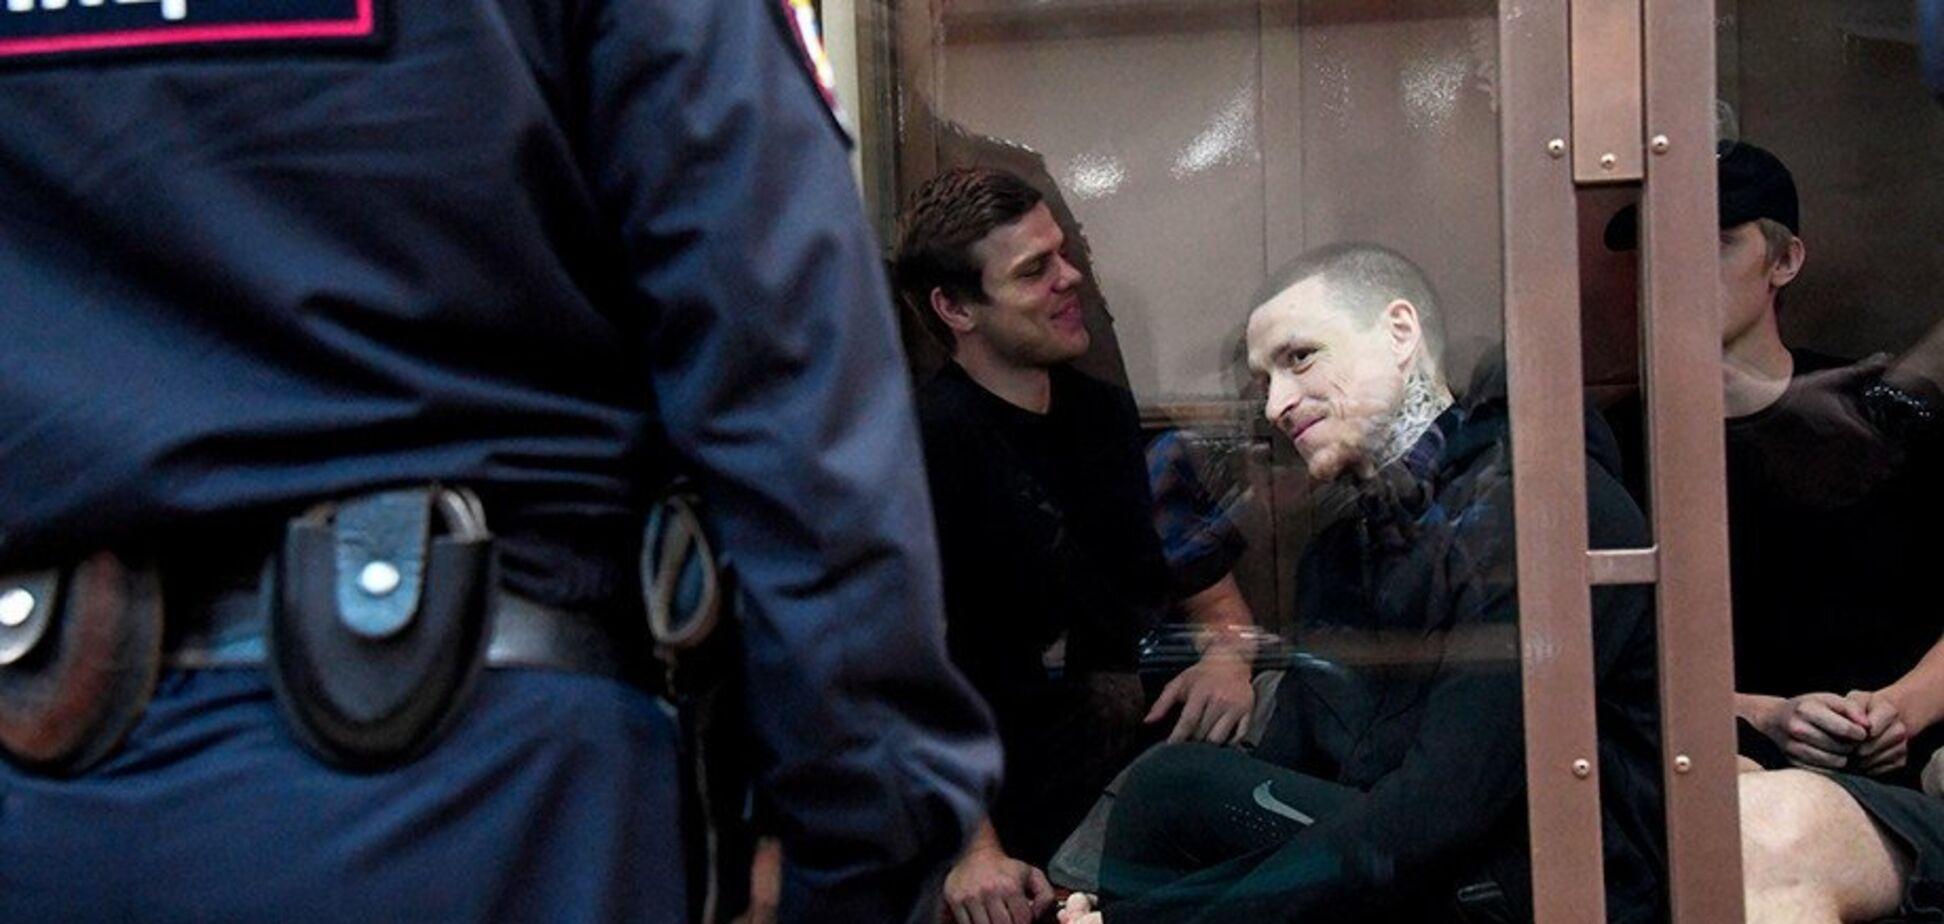 Кокоріна та Мамаєва несподівано звільнили з в'язниці: всі подробиці